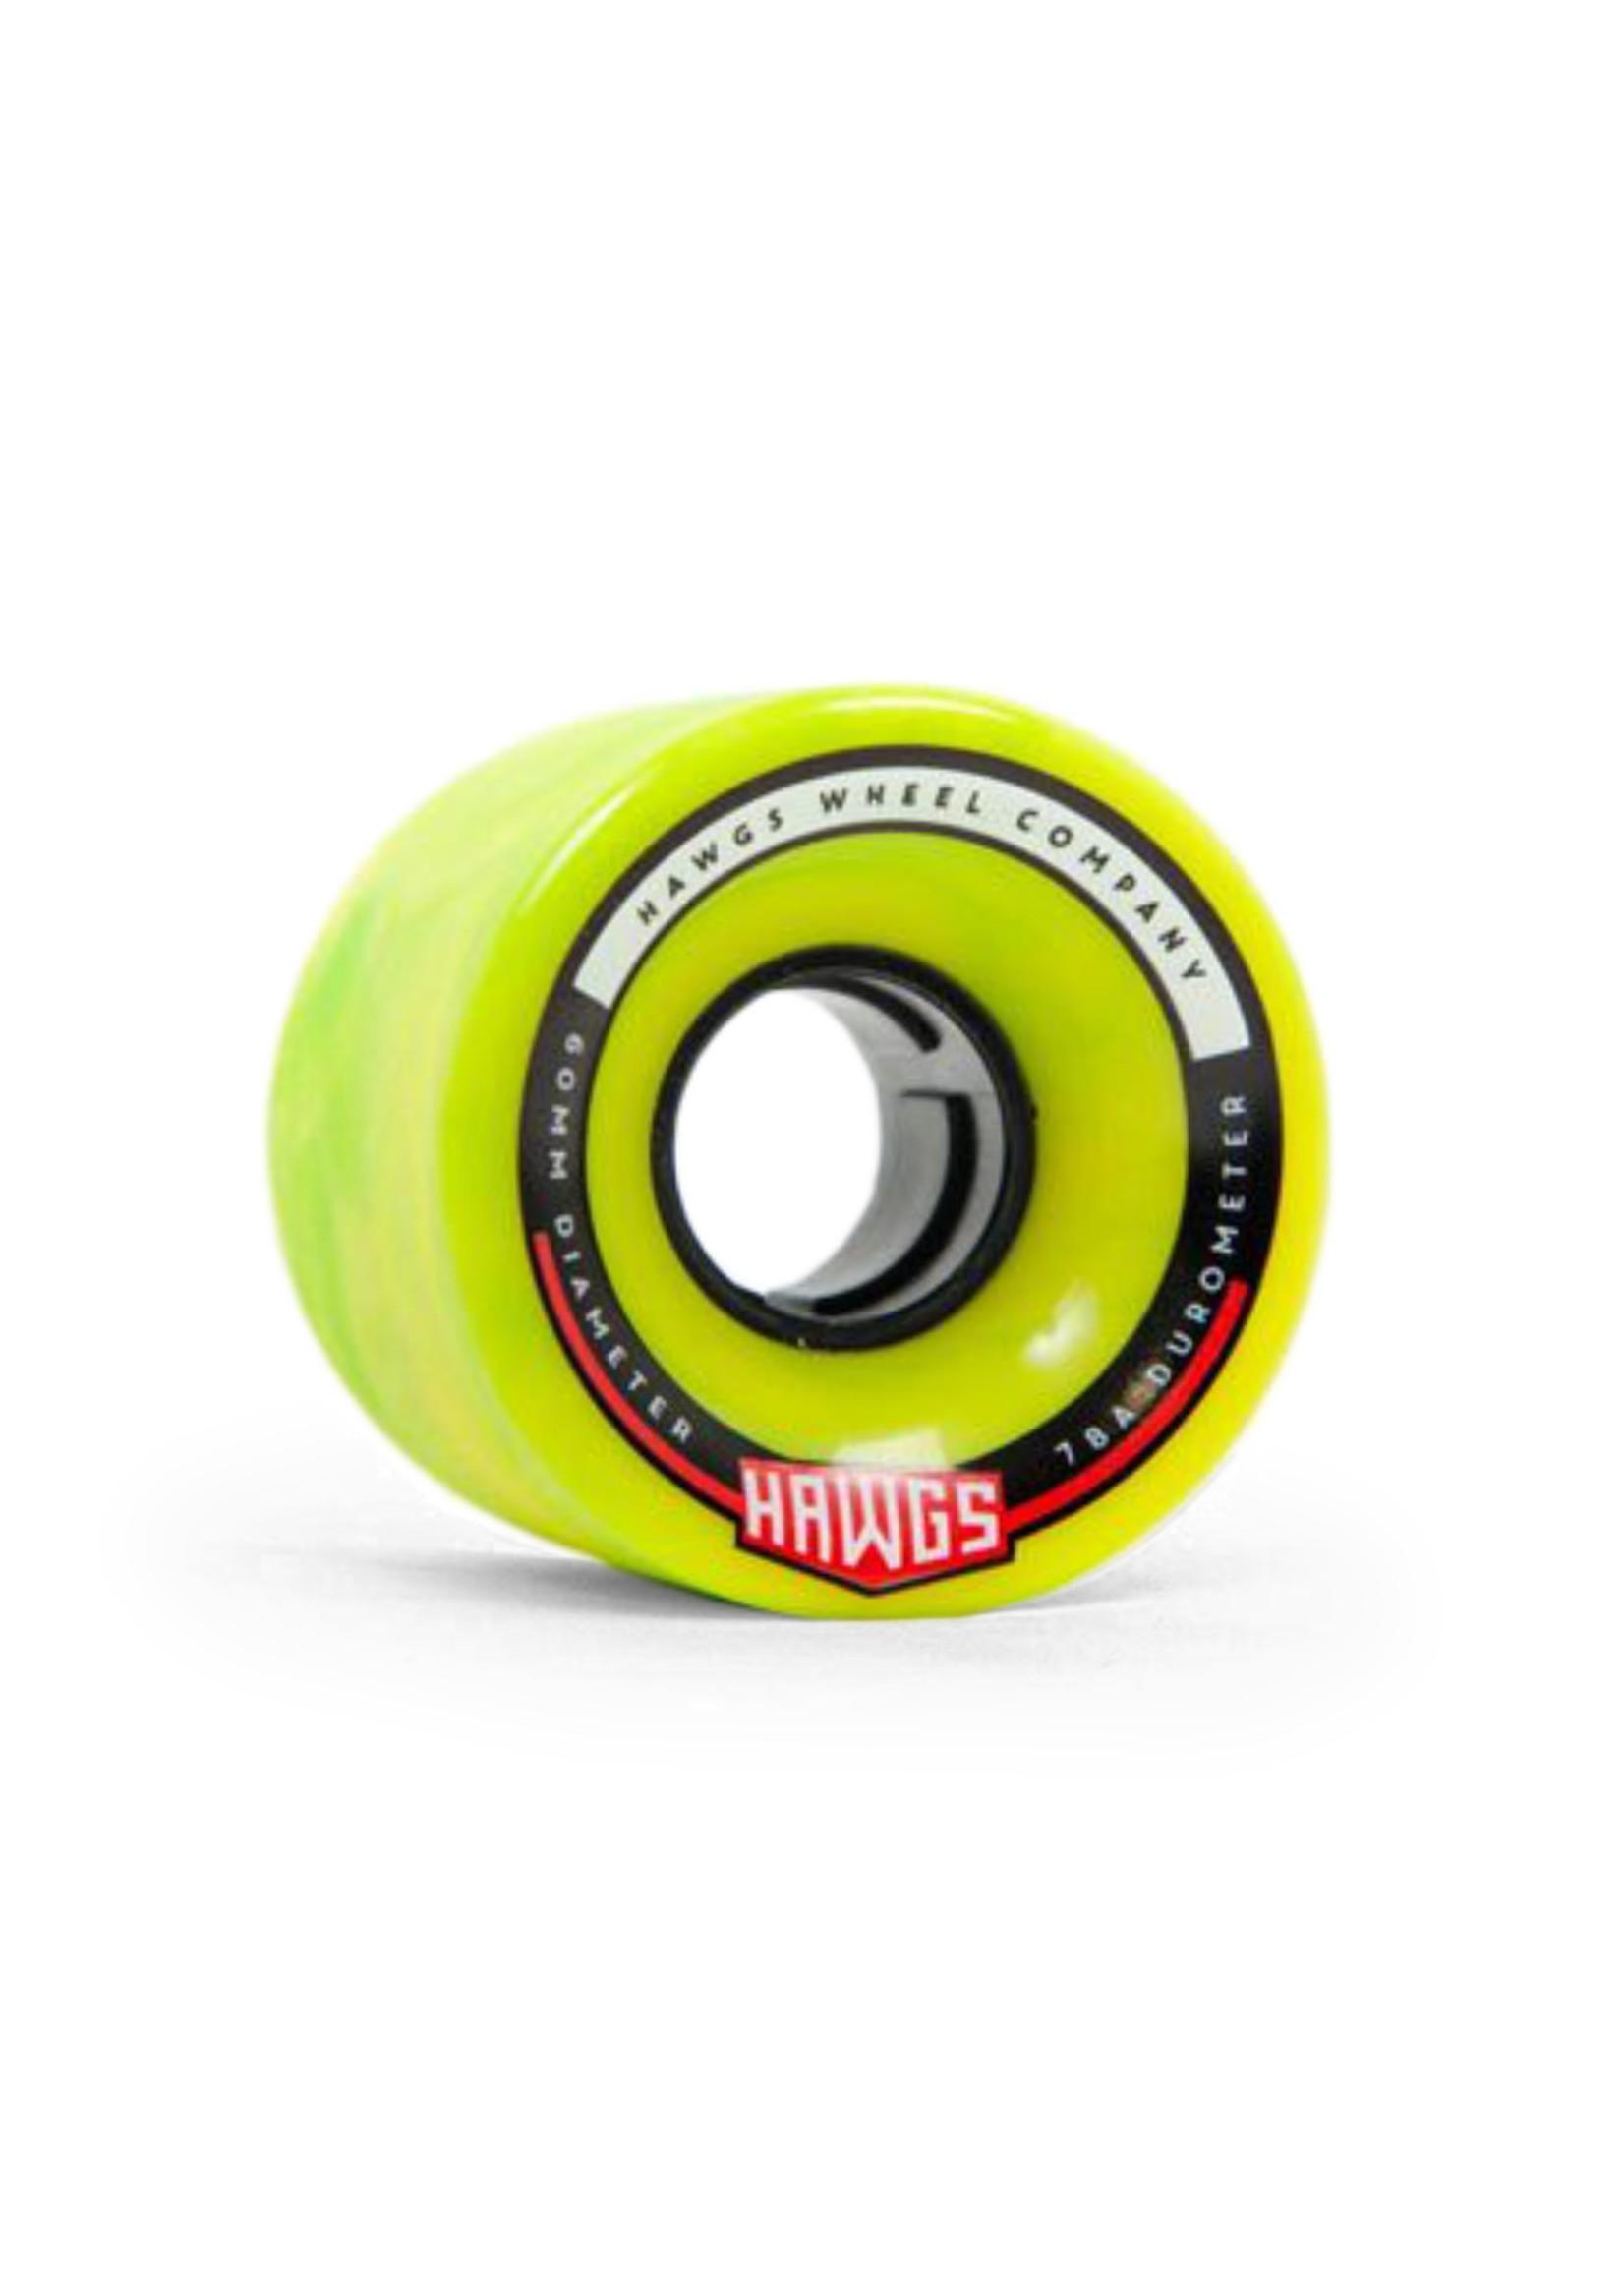 Hawgs Wheels Hawgs Chubby Rollen 60 mm 78A Green/Yellow Swirl 4er-Set